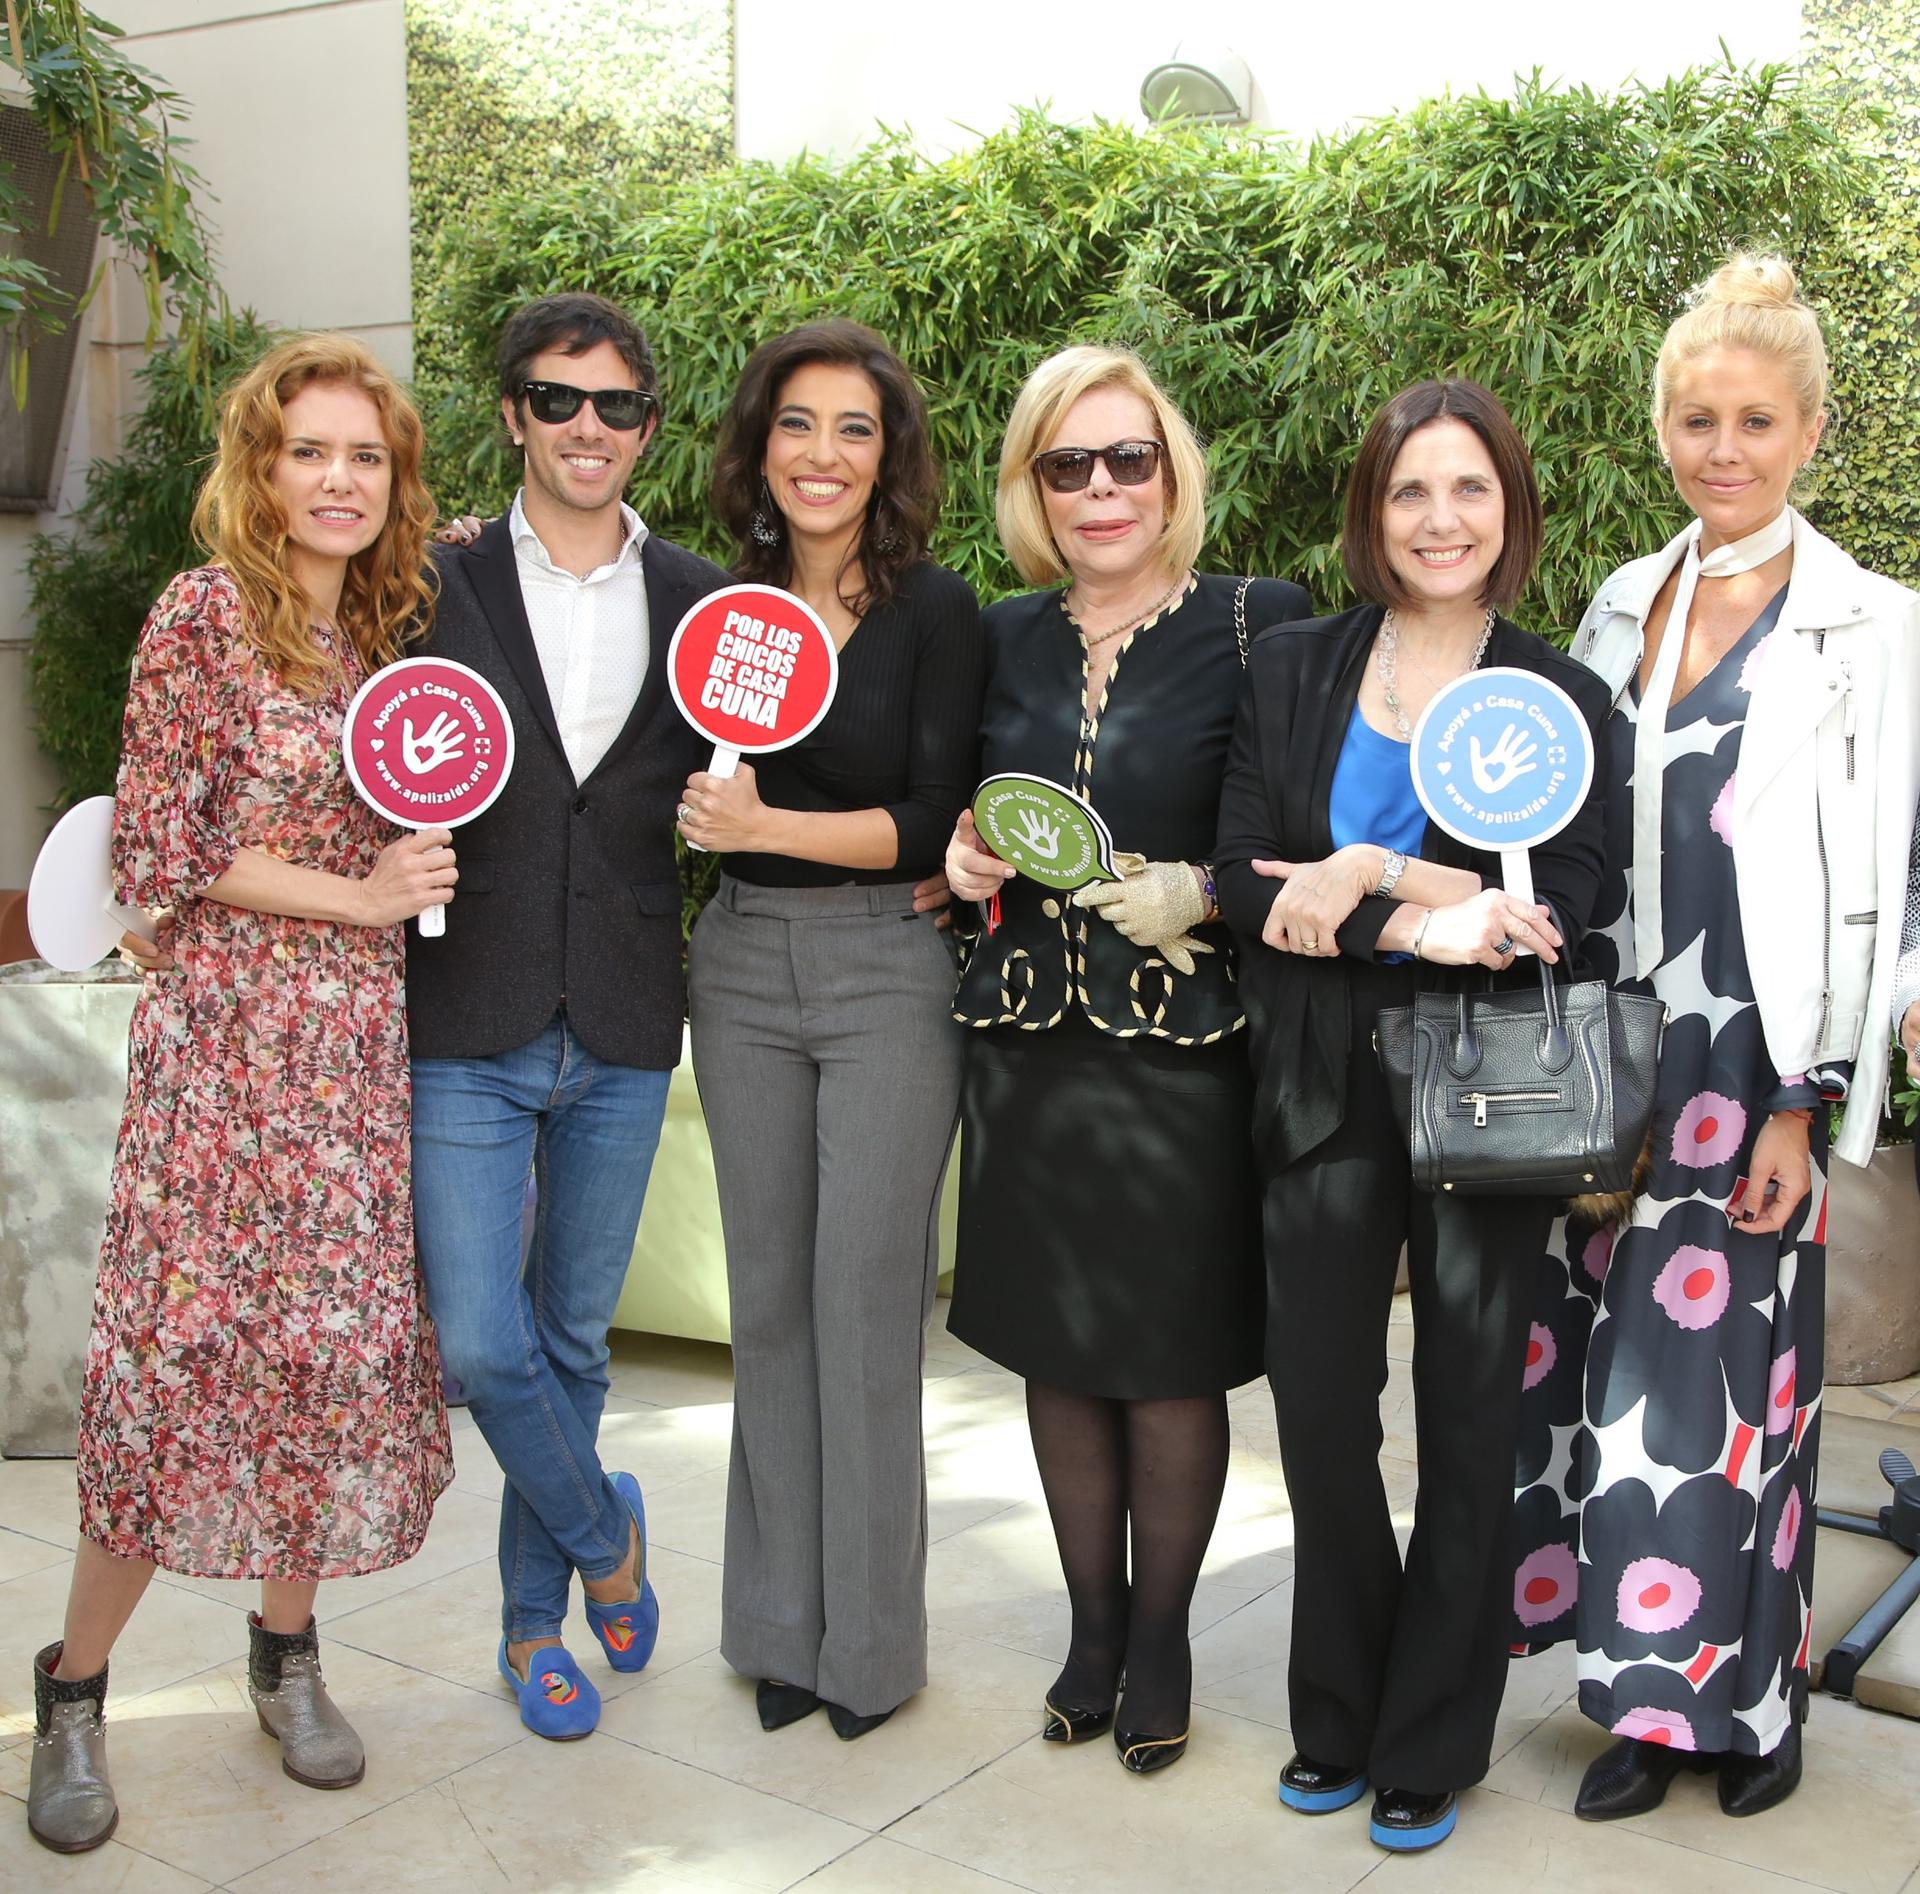 Karina El Azem, Robertito Funes, Roxy Vazquez, Marina Dodero, Silvina Chediek y Barbie Simons fueron solo algunos de los famosos que estuvieron presentes en este evento de solidaridad y arte.